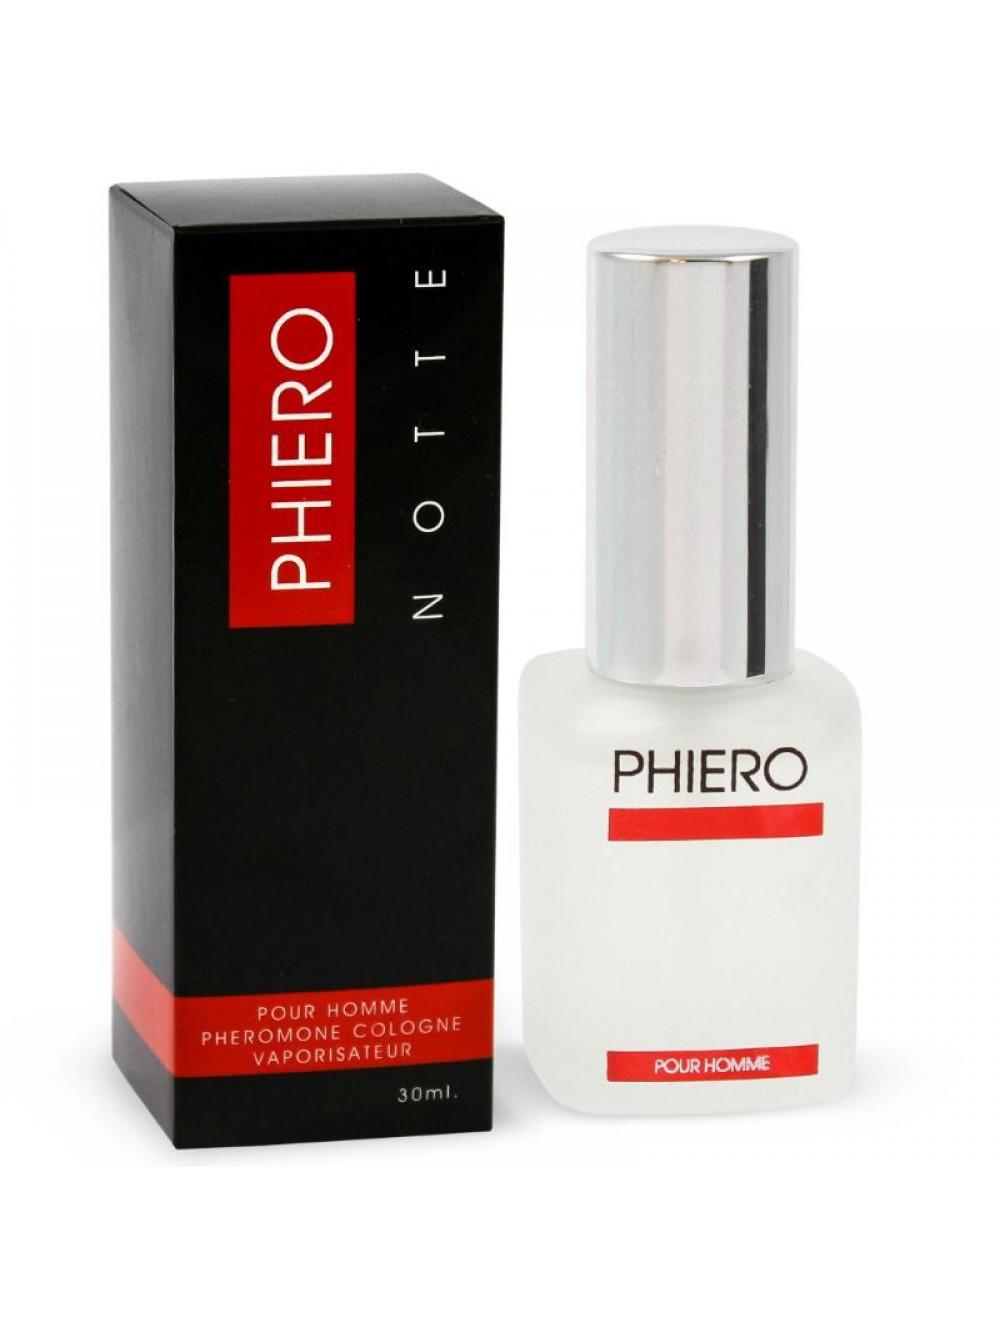 PHIERO NOTTE PERFUME WITH PHEROMONES FOR MEN